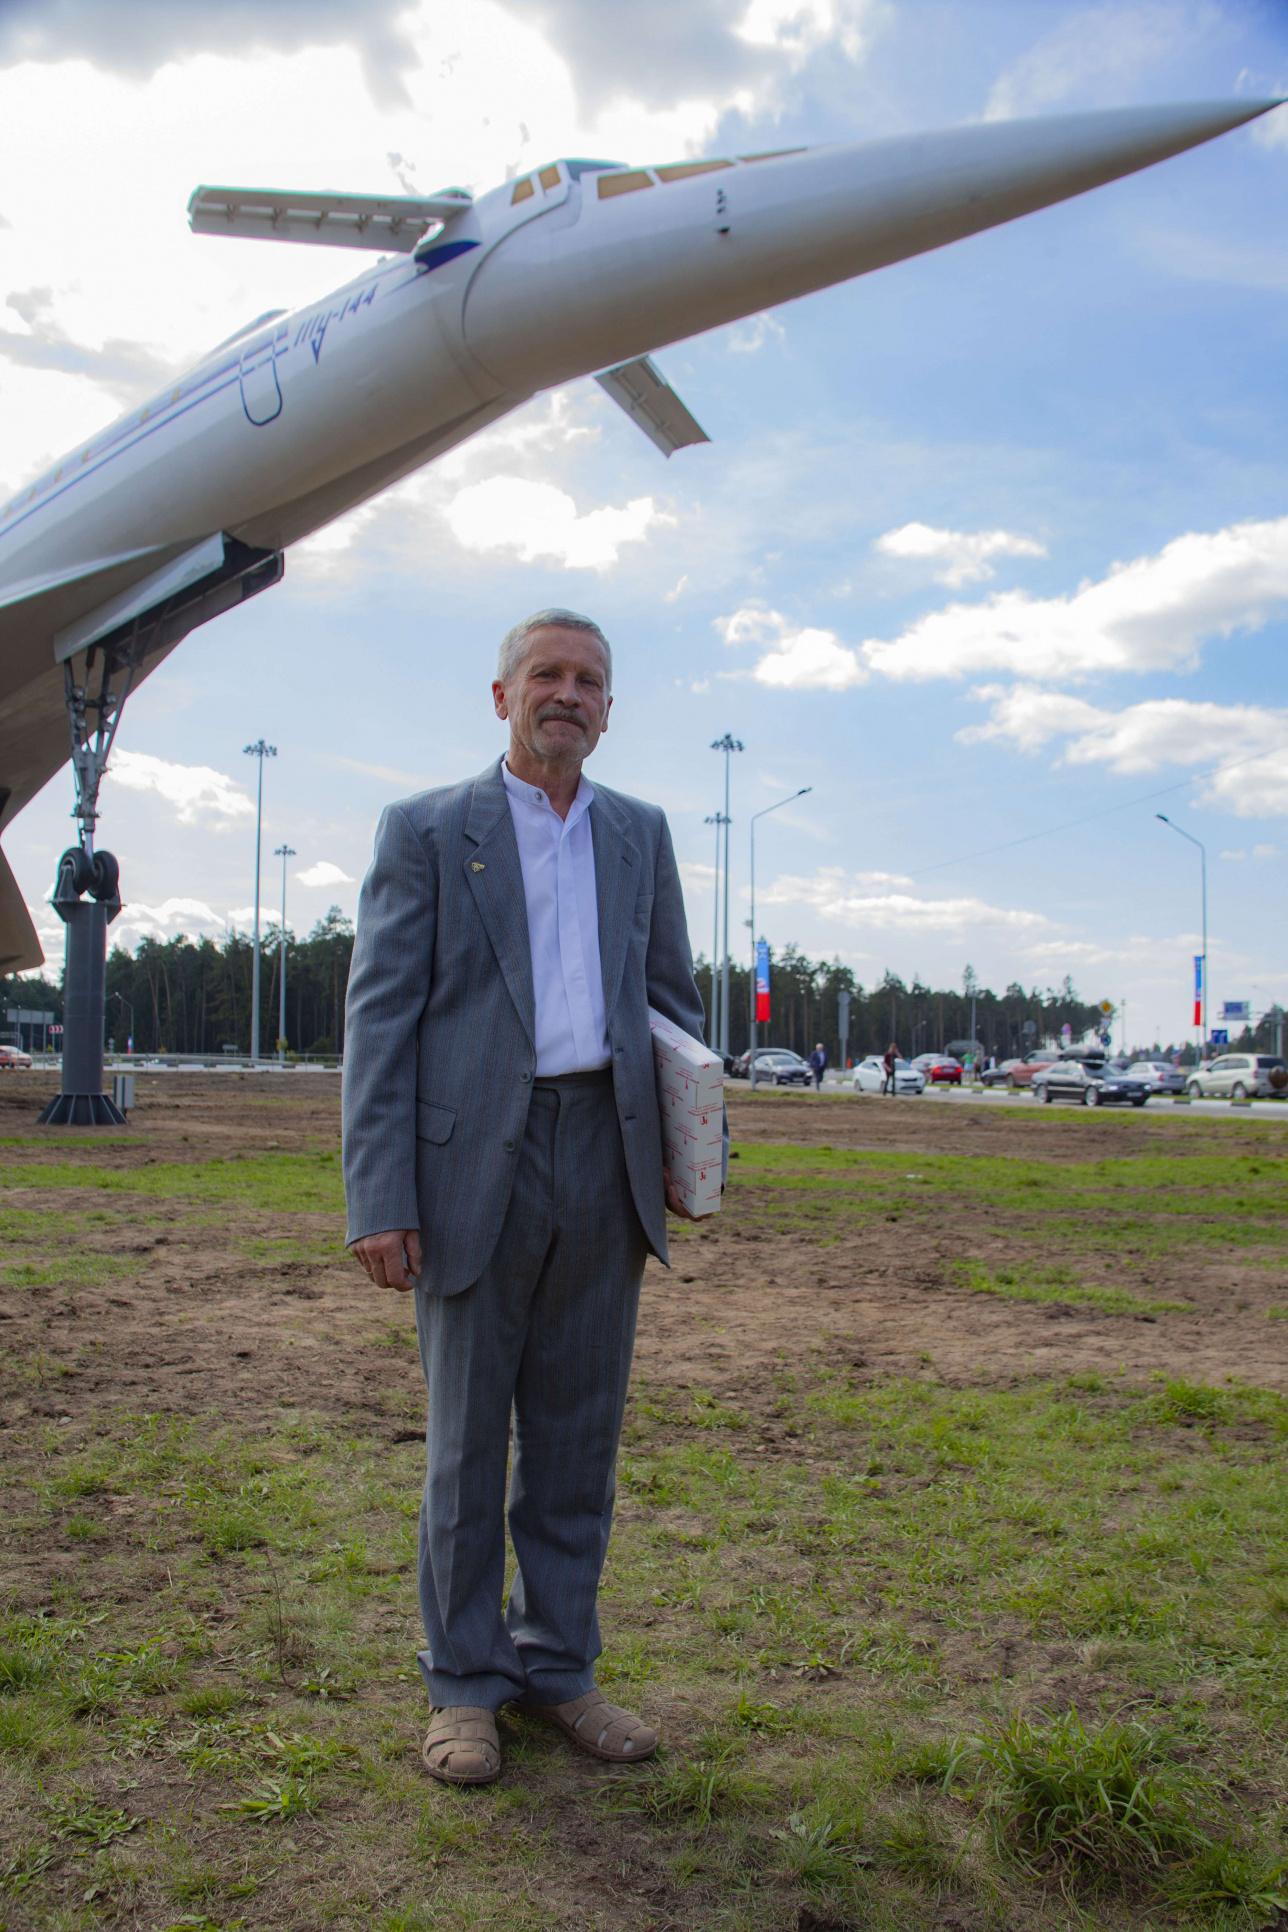 Хранитель самолёта ТУ-144 в Жуковском Алексей Амелюшкин.